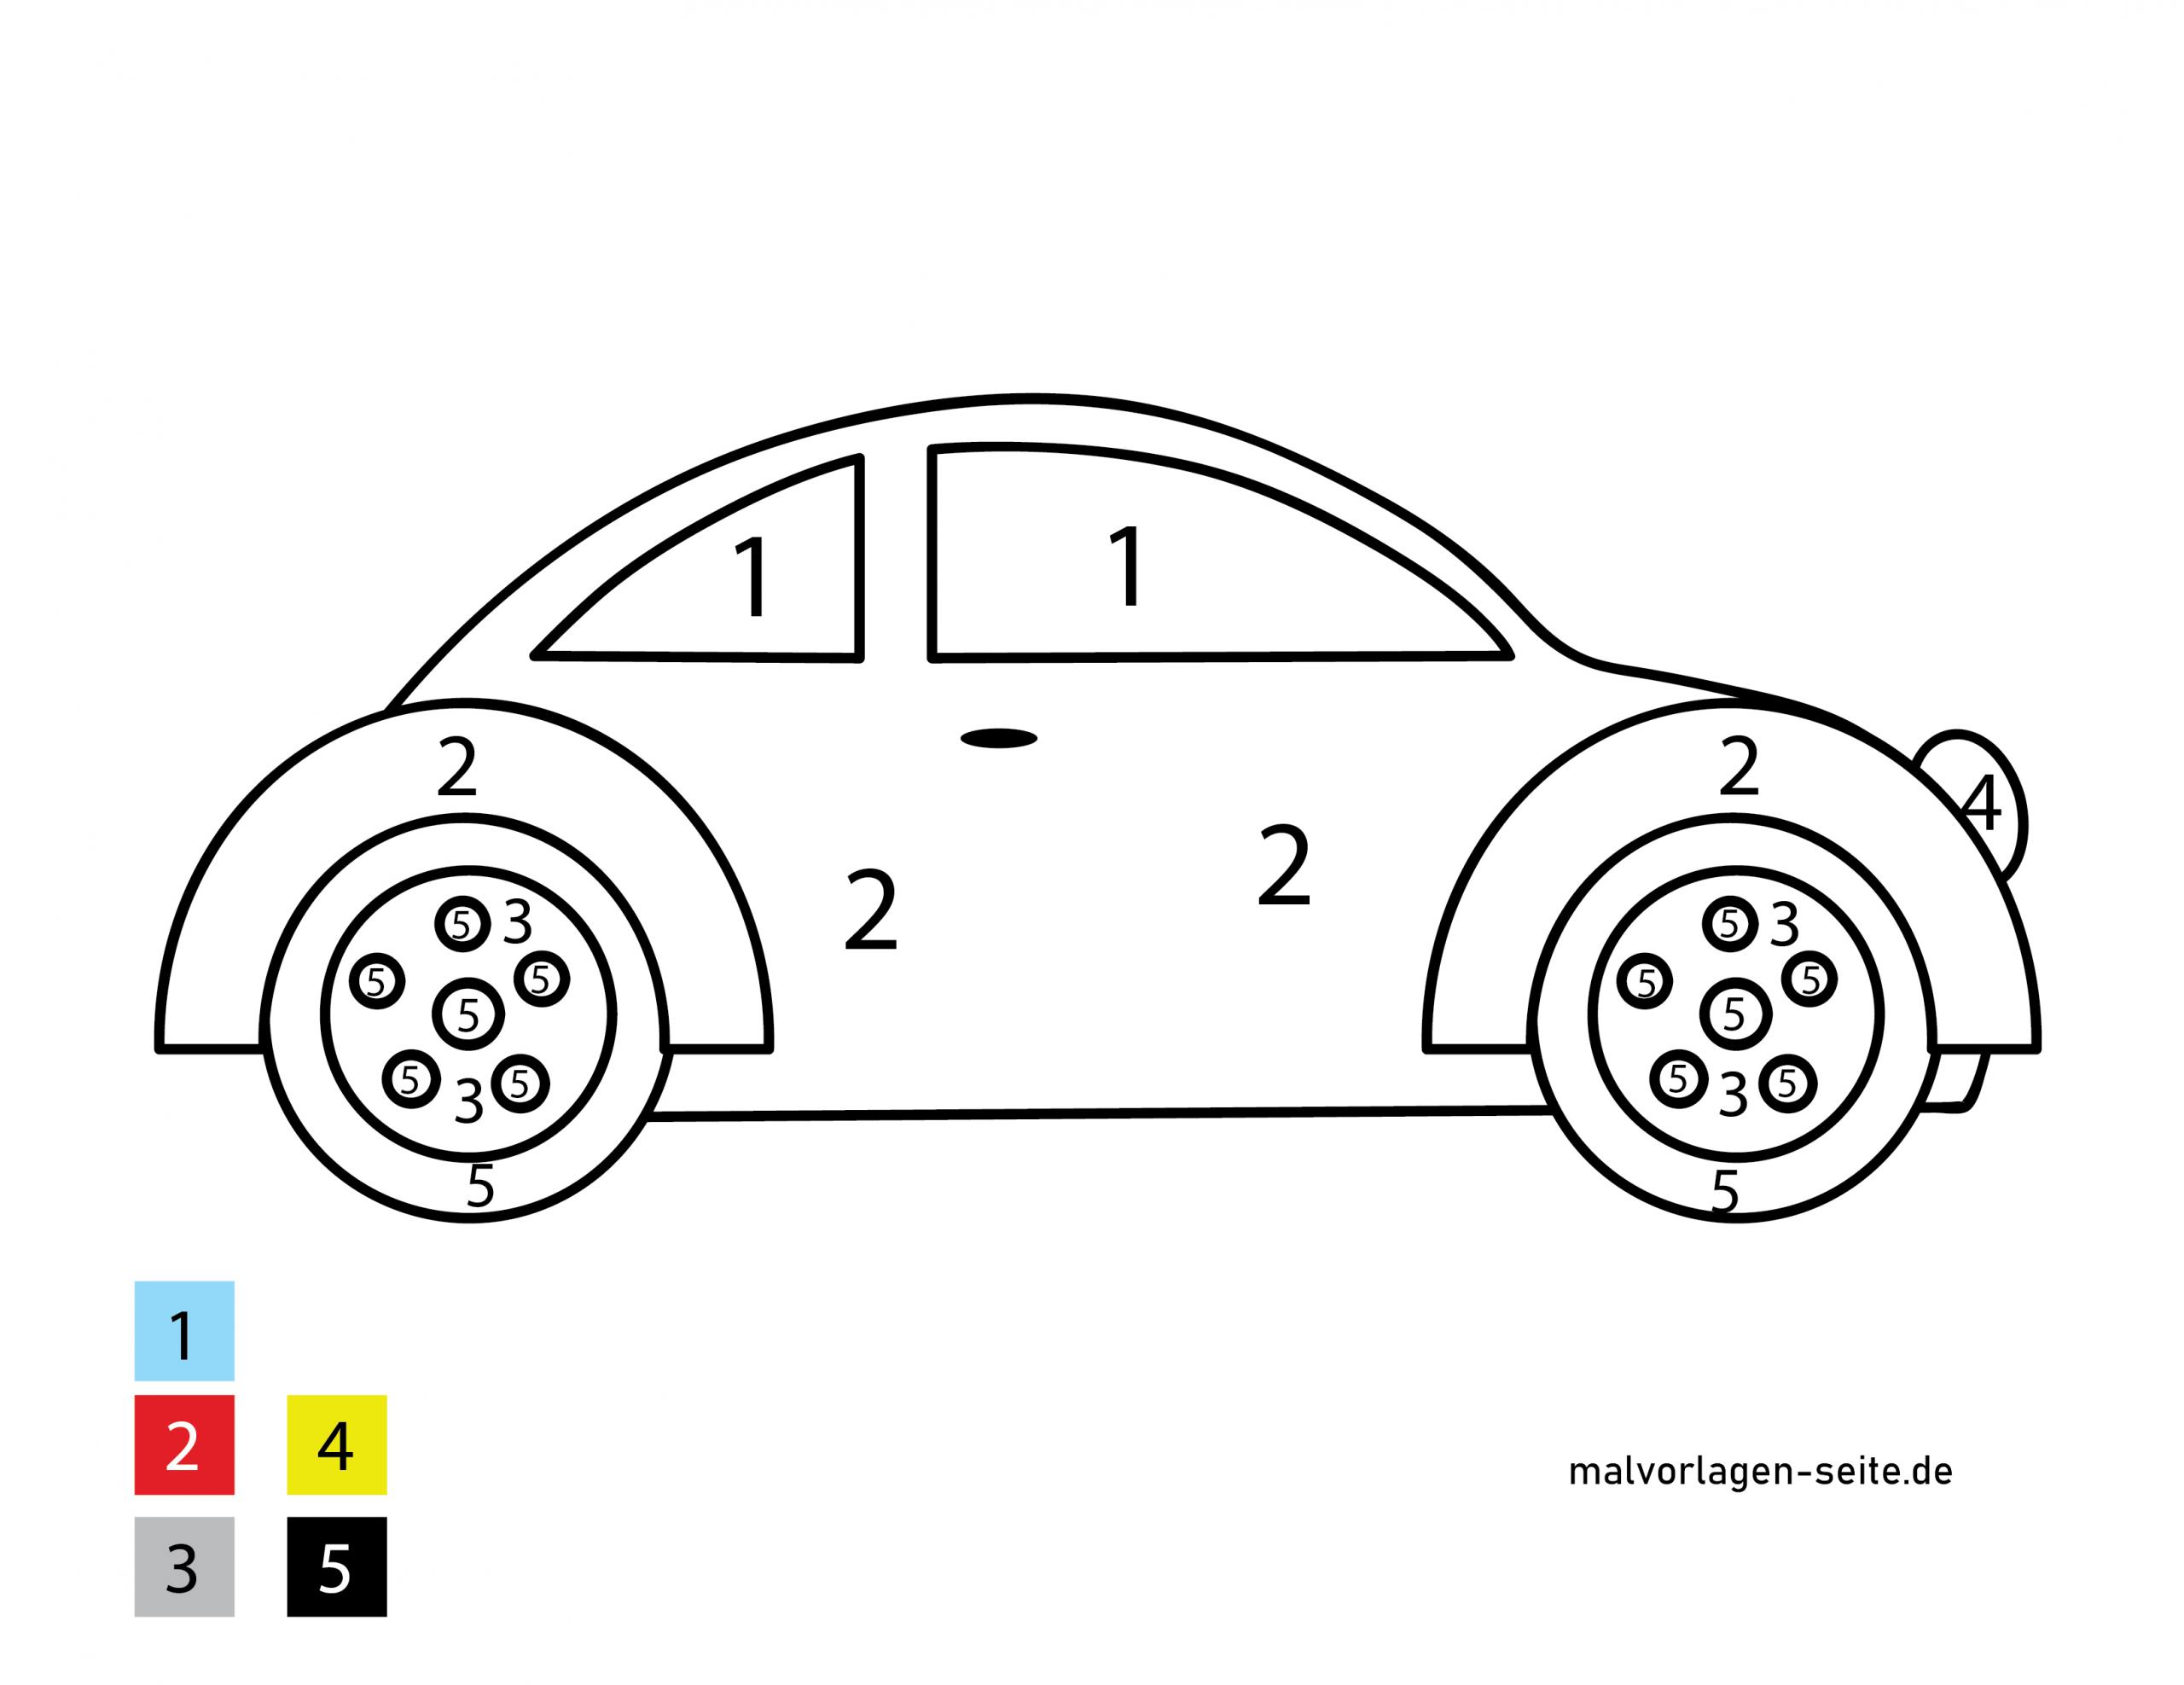 Malen Nach Zahlen - Auto - Ausmalbilder Kostenlos Herunterladen über Auto Bilder Zum Ausdrucken